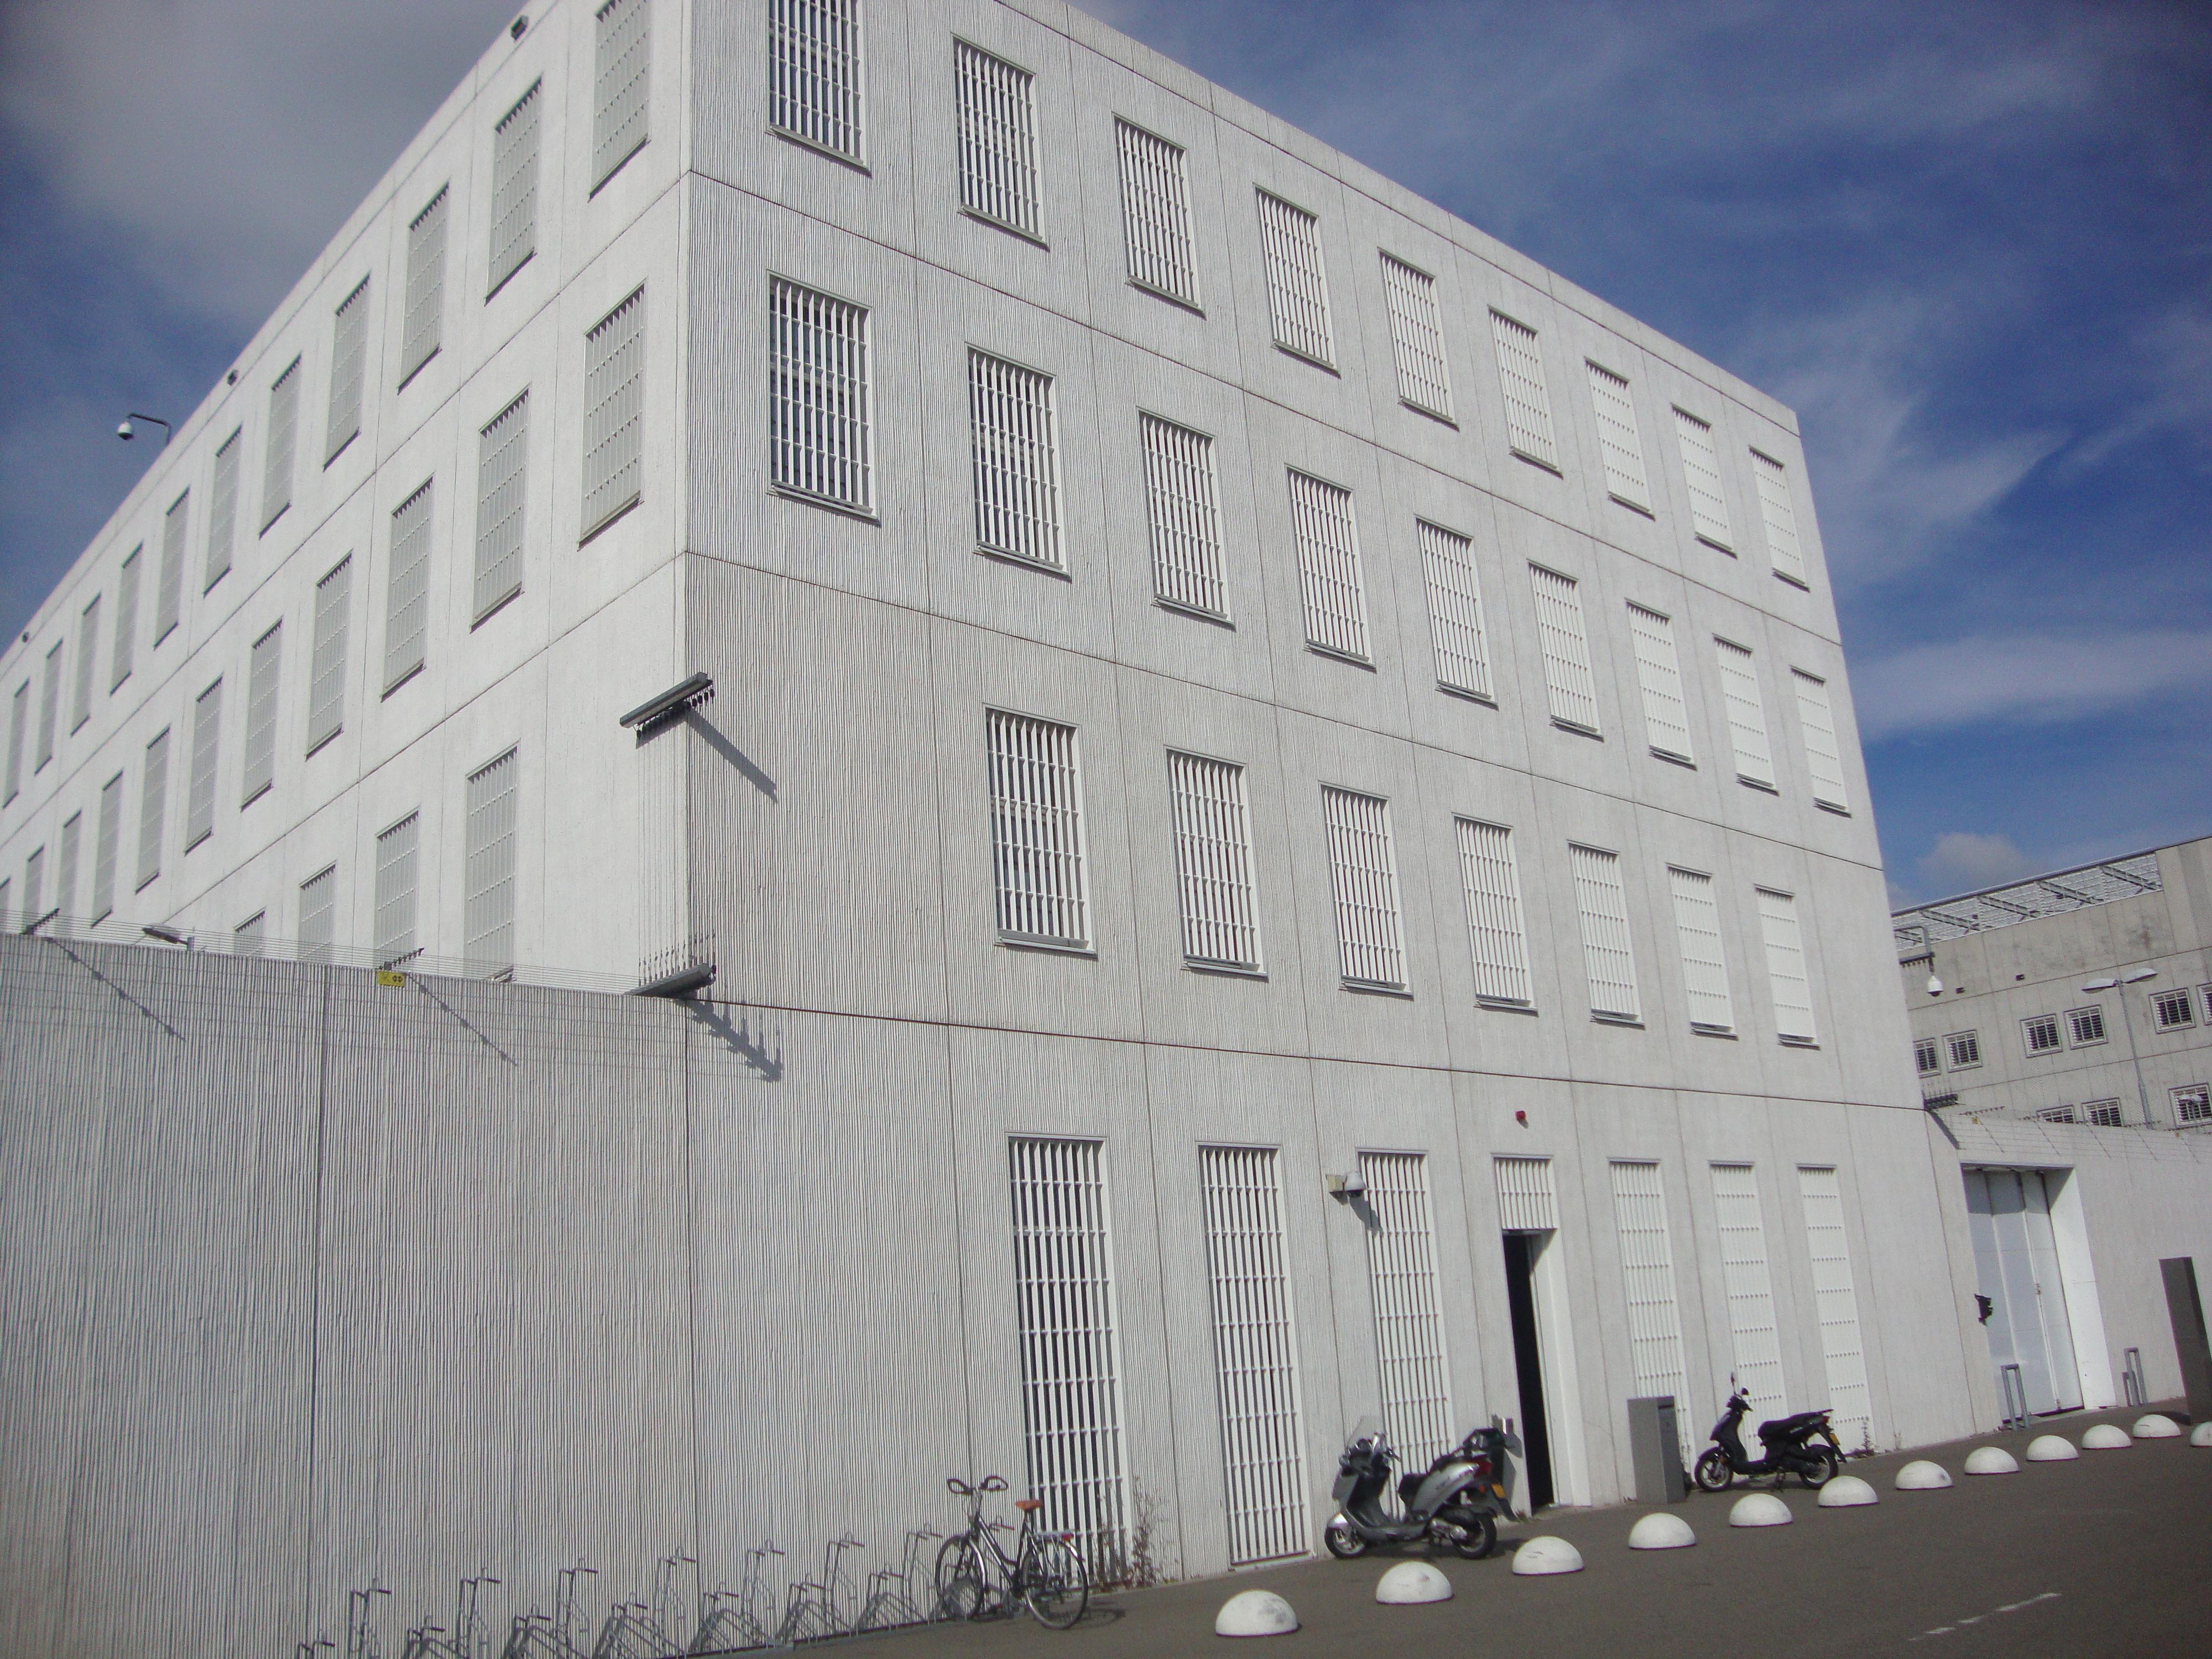 gevangenis heerhugowaard vacatures